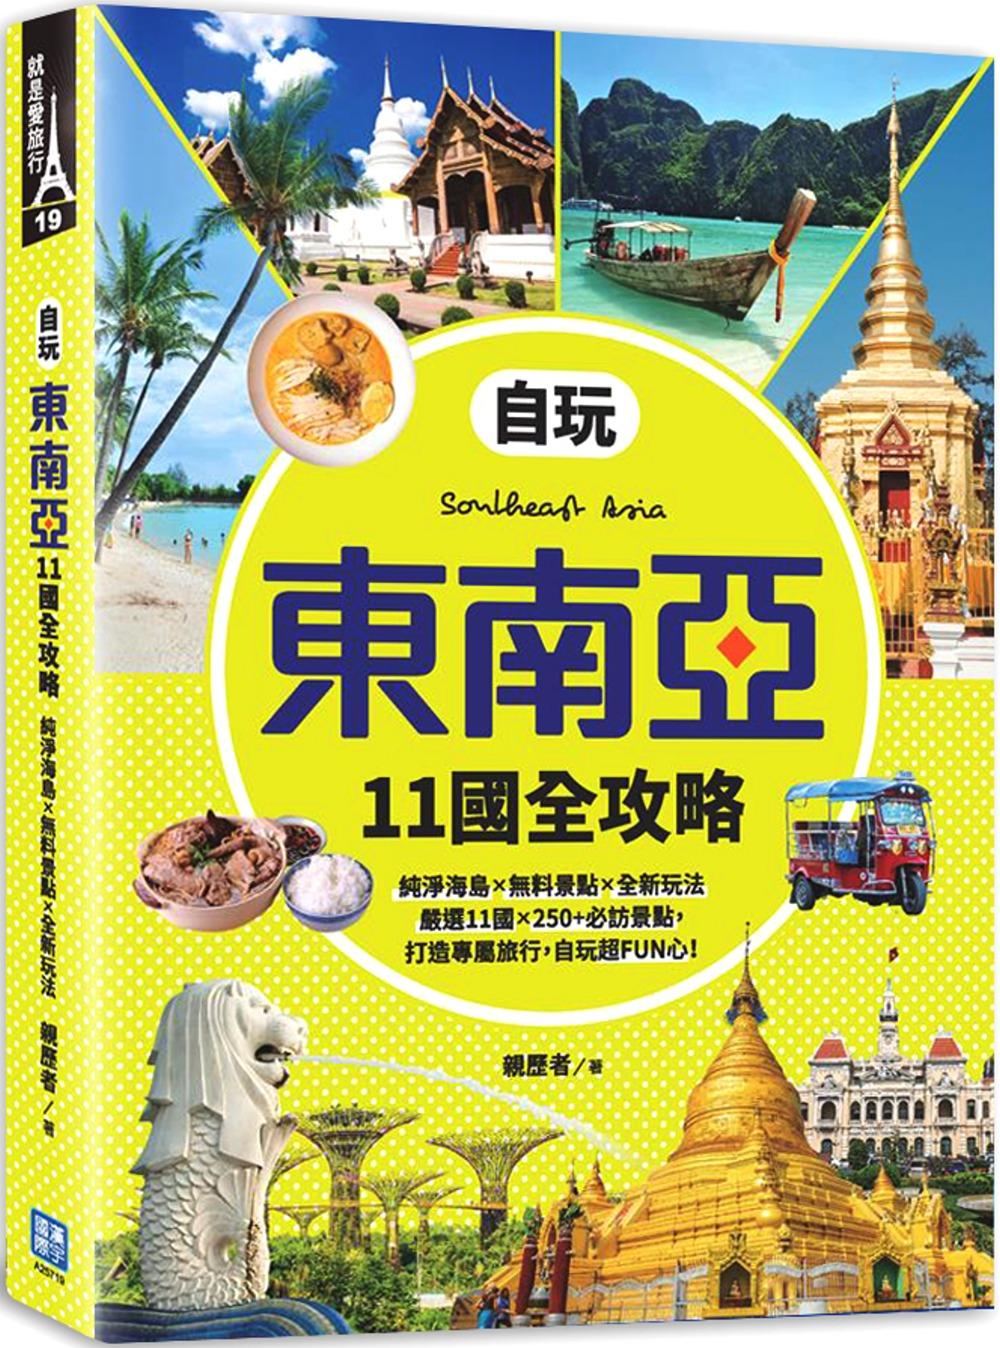 自玩東南亞11國全攻略:旅遊祕境新發現!純淨海島X無料景點X全新玩法,嚴選11國x 250+必訪景點,初遊自玩超FUN心!